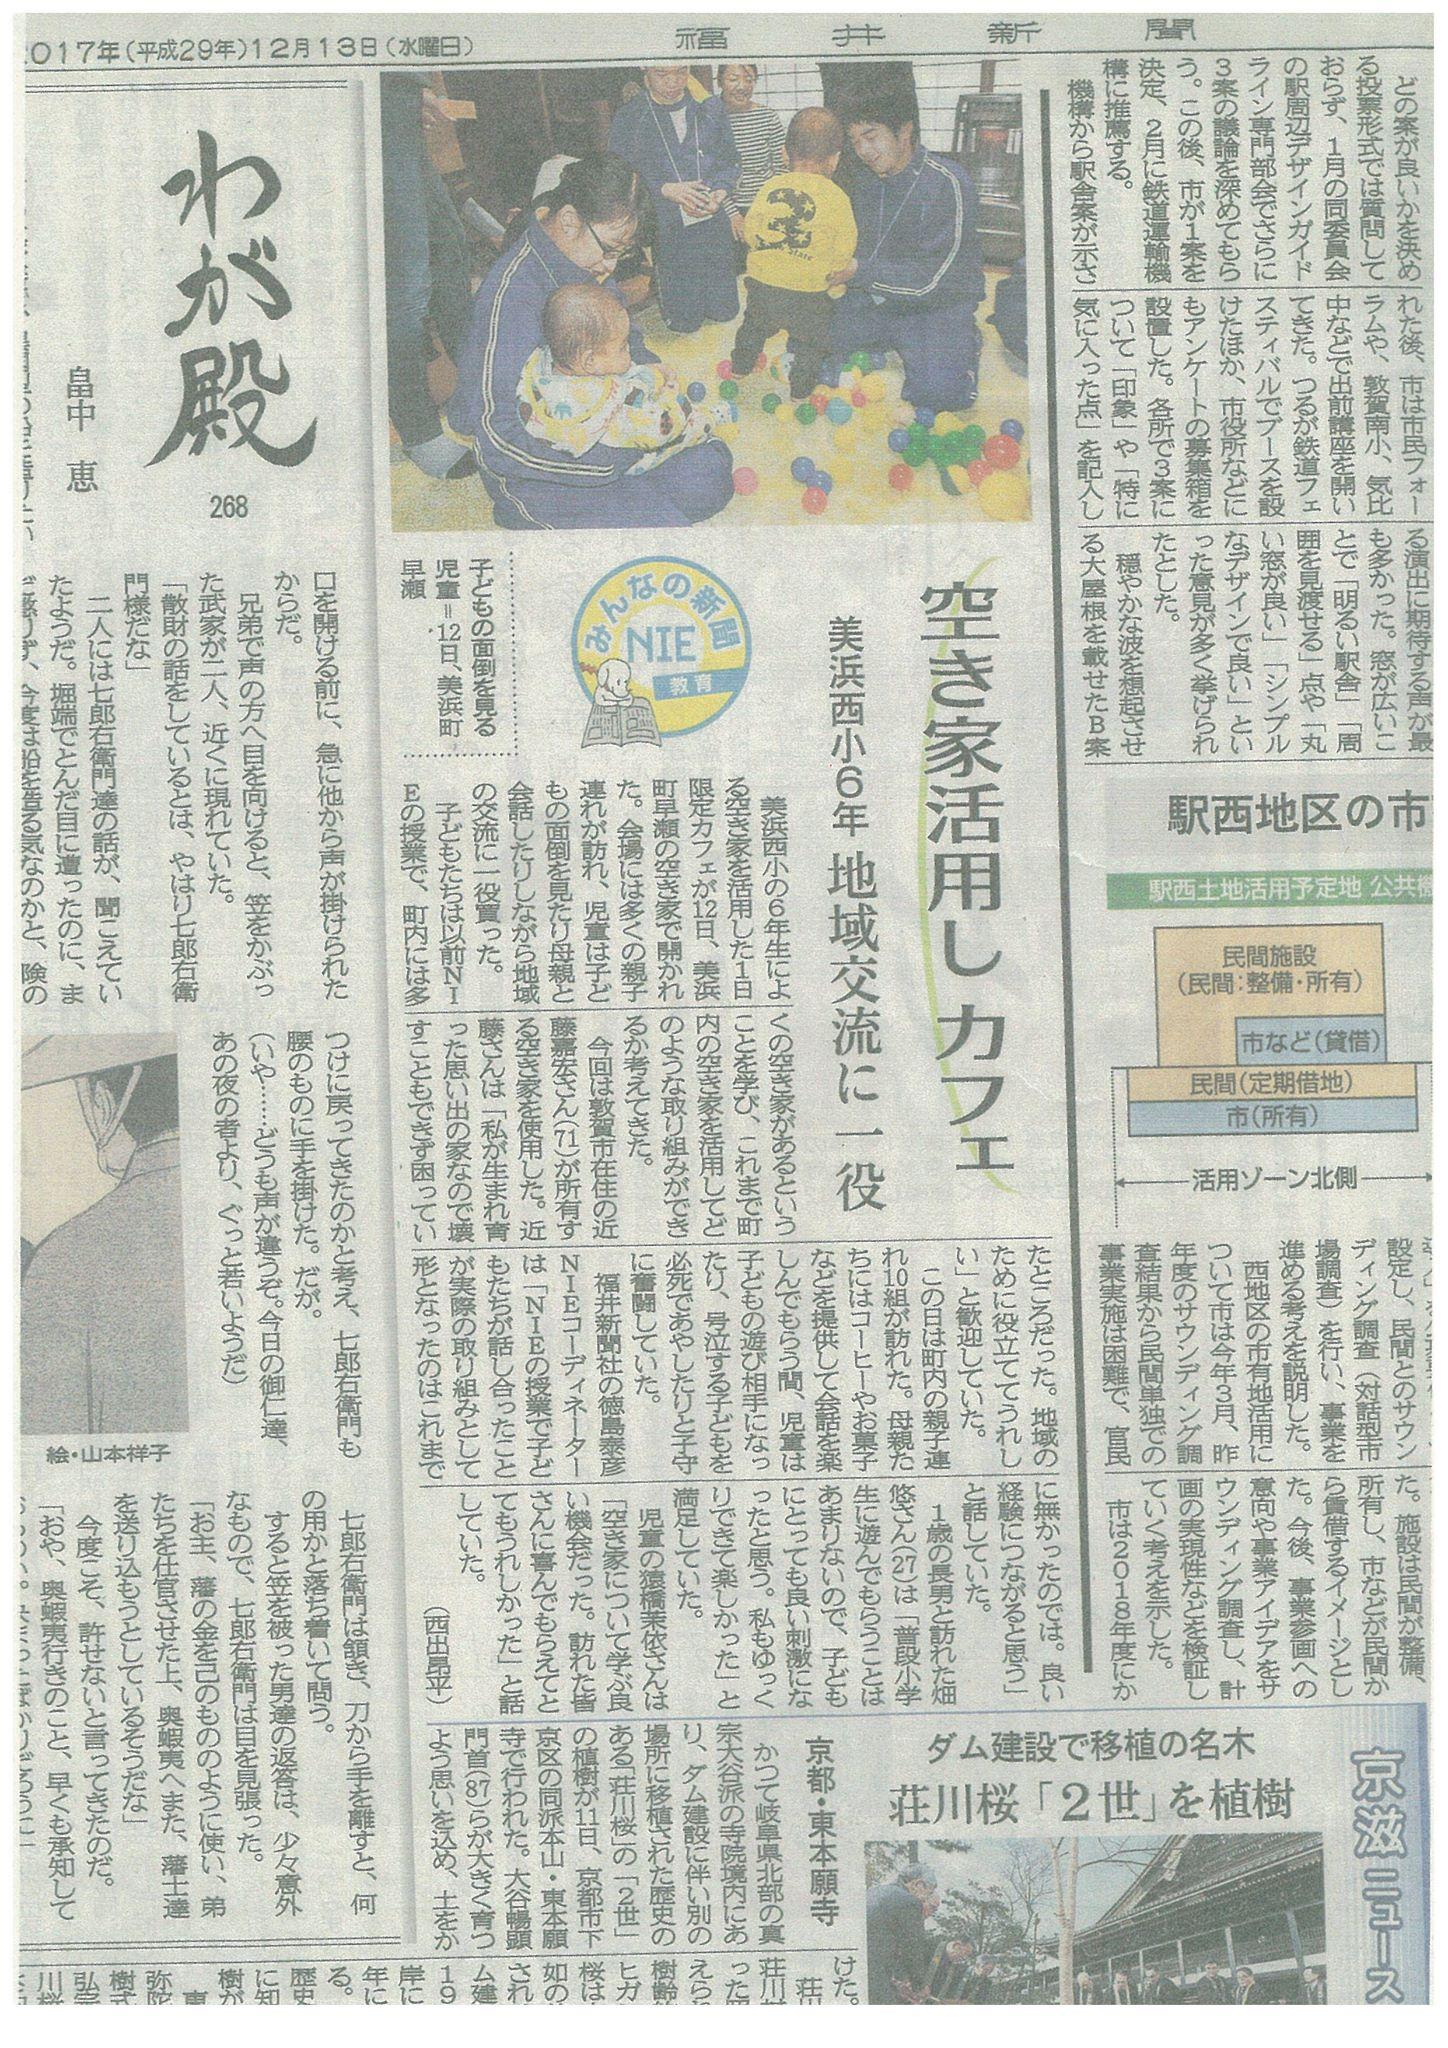 美浜西小学校NIE教育 新聞記事